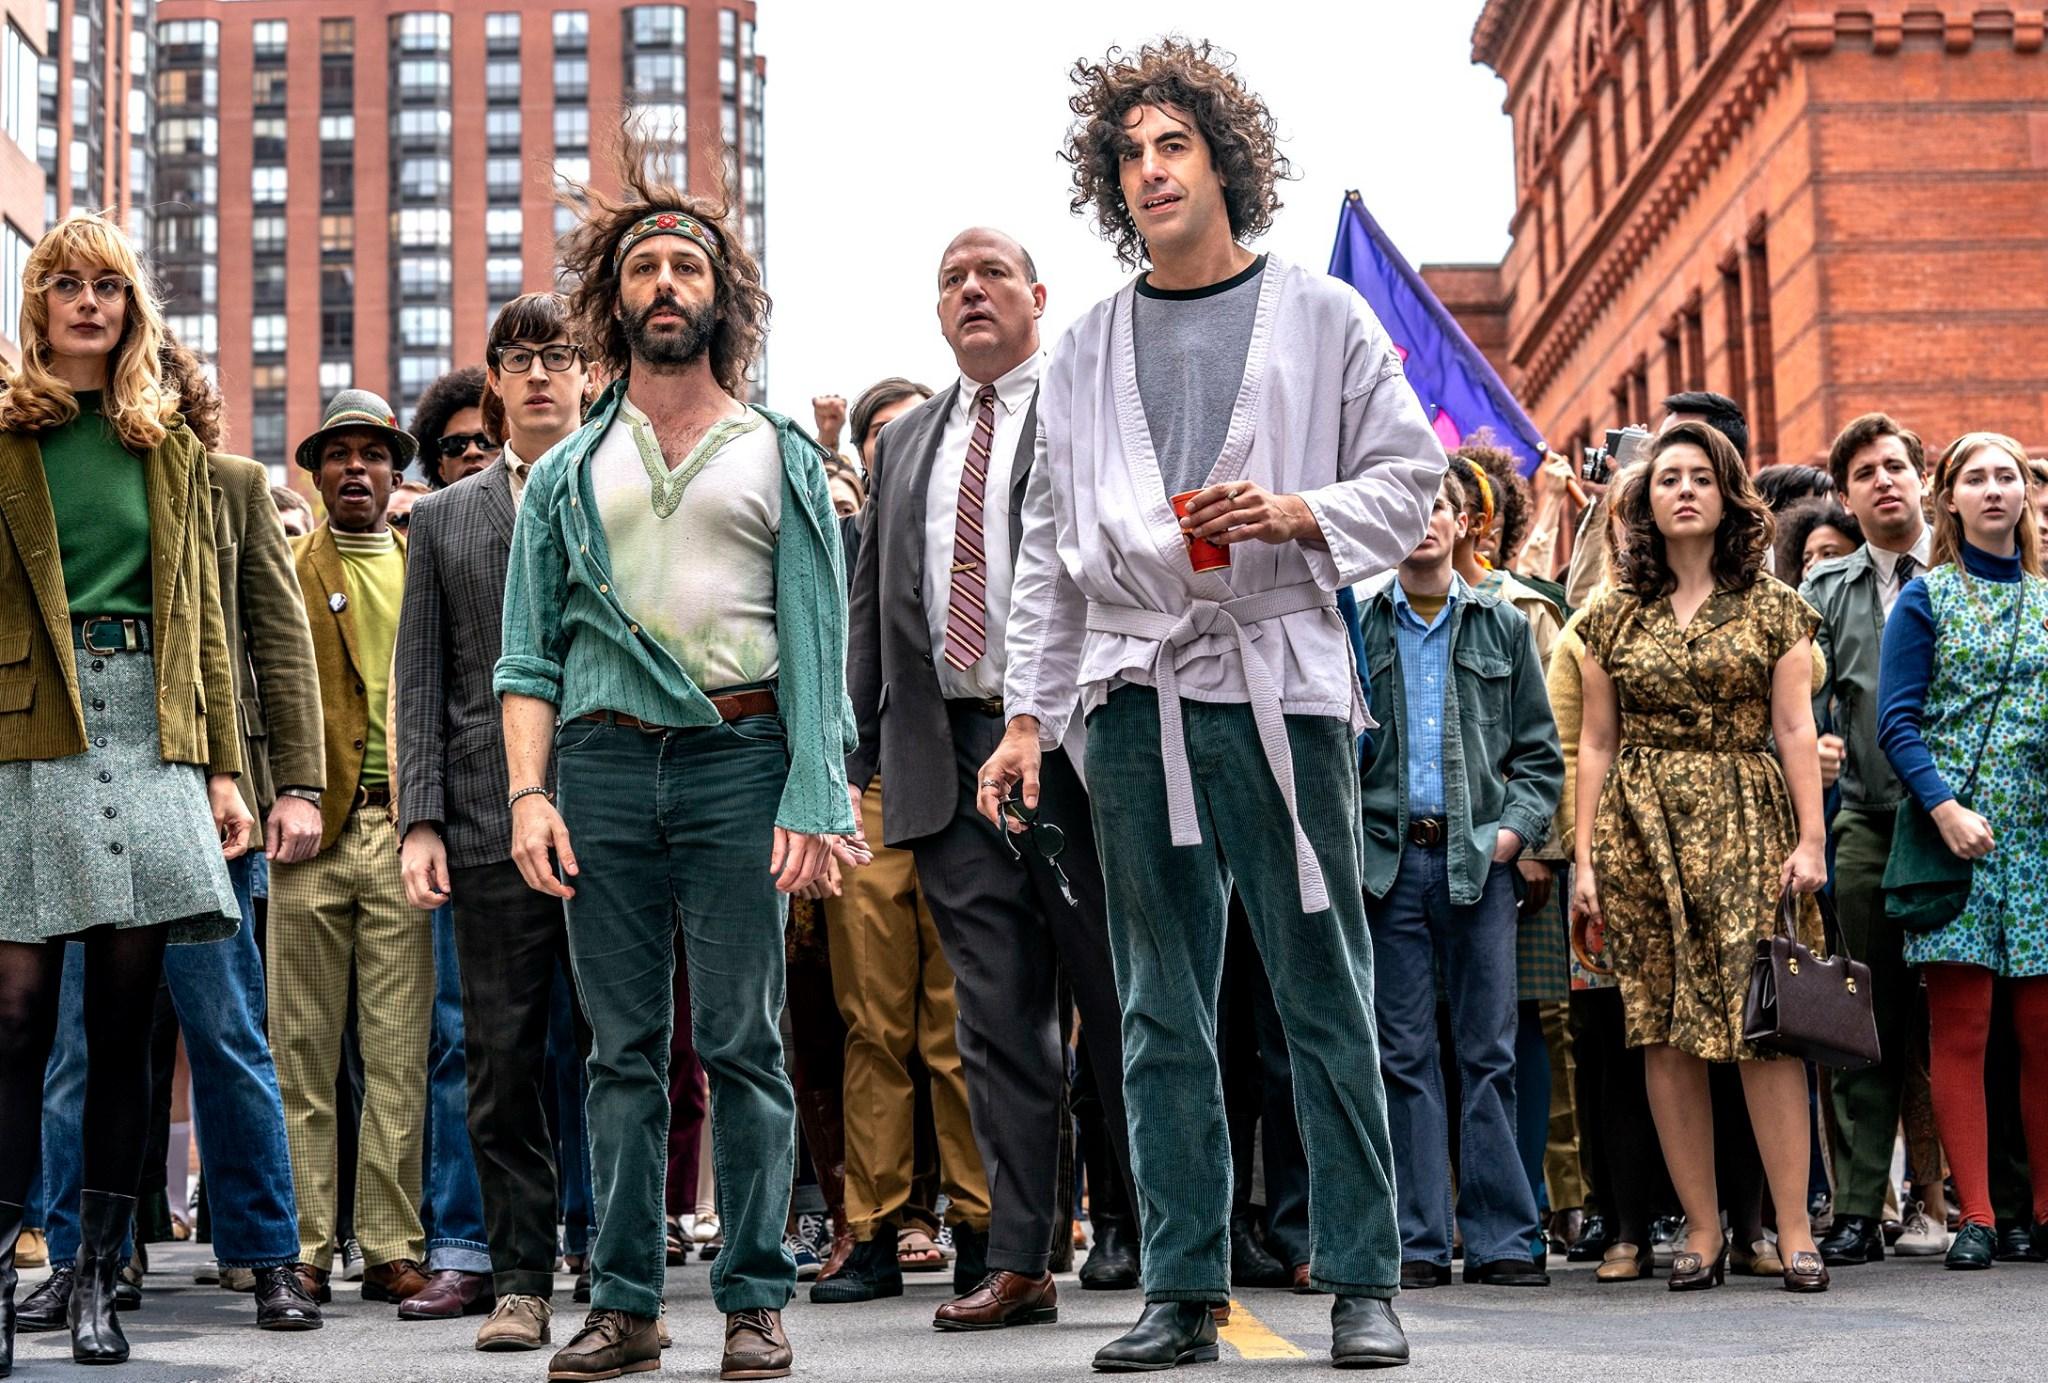 A imagem mostra uma das cenas de protestos do filme. Nela, há uma multidão de ativistas em pé, encarando o horizonte assustados. À frente dessa multidão, vemos, da esquerda para a direita, os personagens Rennie Davis, Jerry Rubin, David Dellinger e Abbie Hoffman.